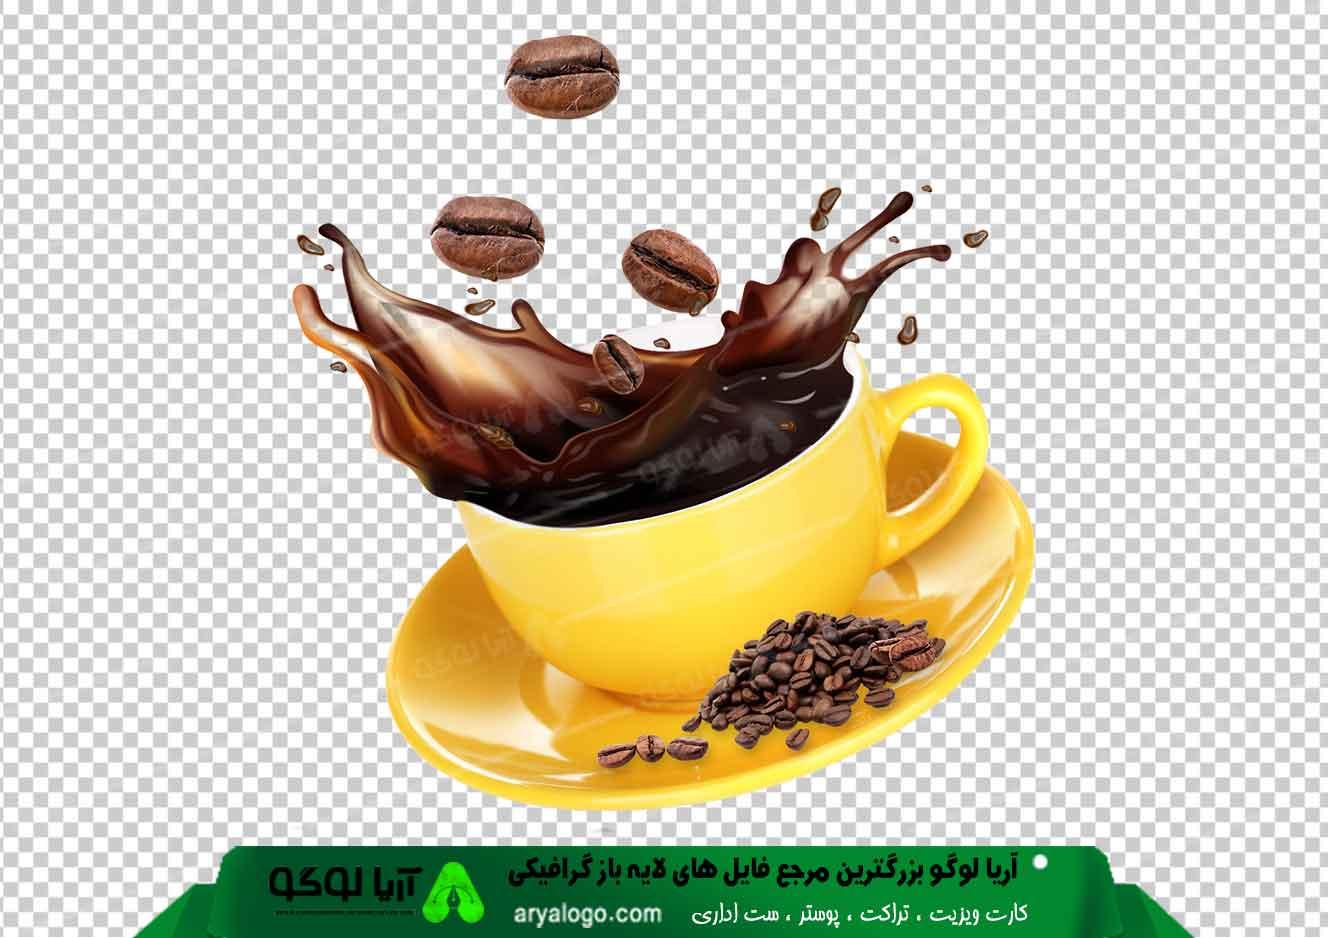 وکتور png کافه و قهوه 3